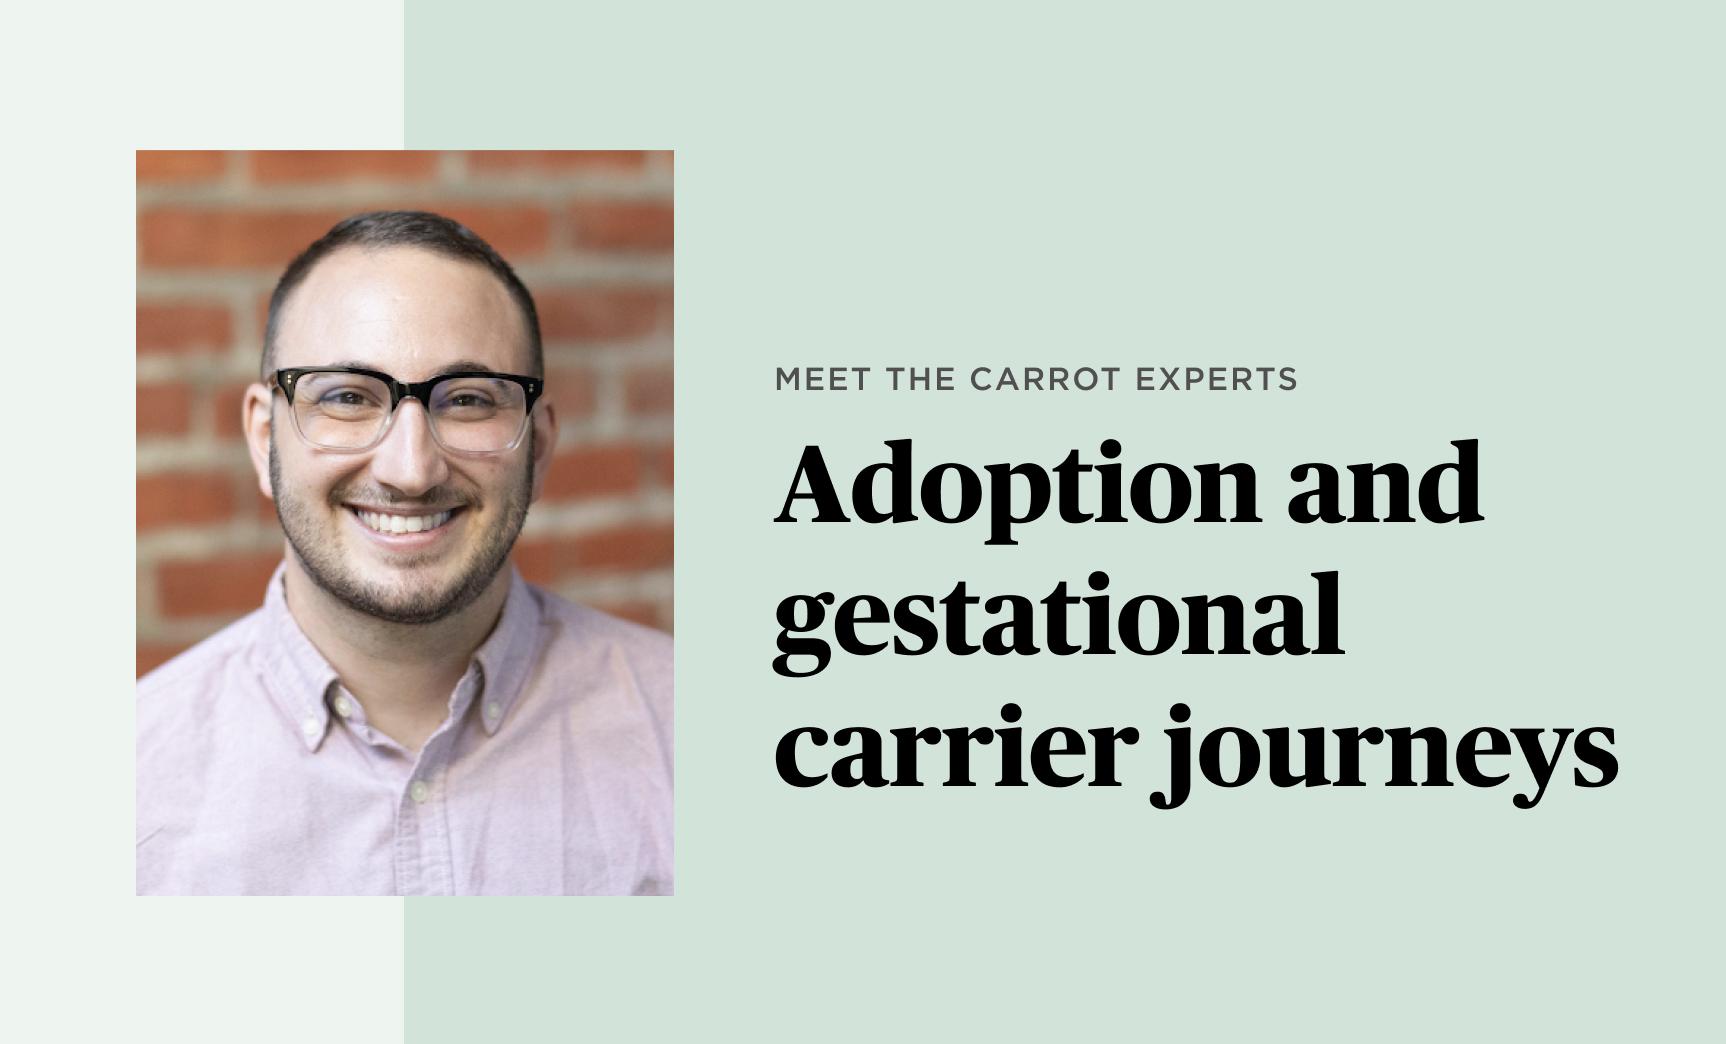 Evan Friedenberg, Carrot expert